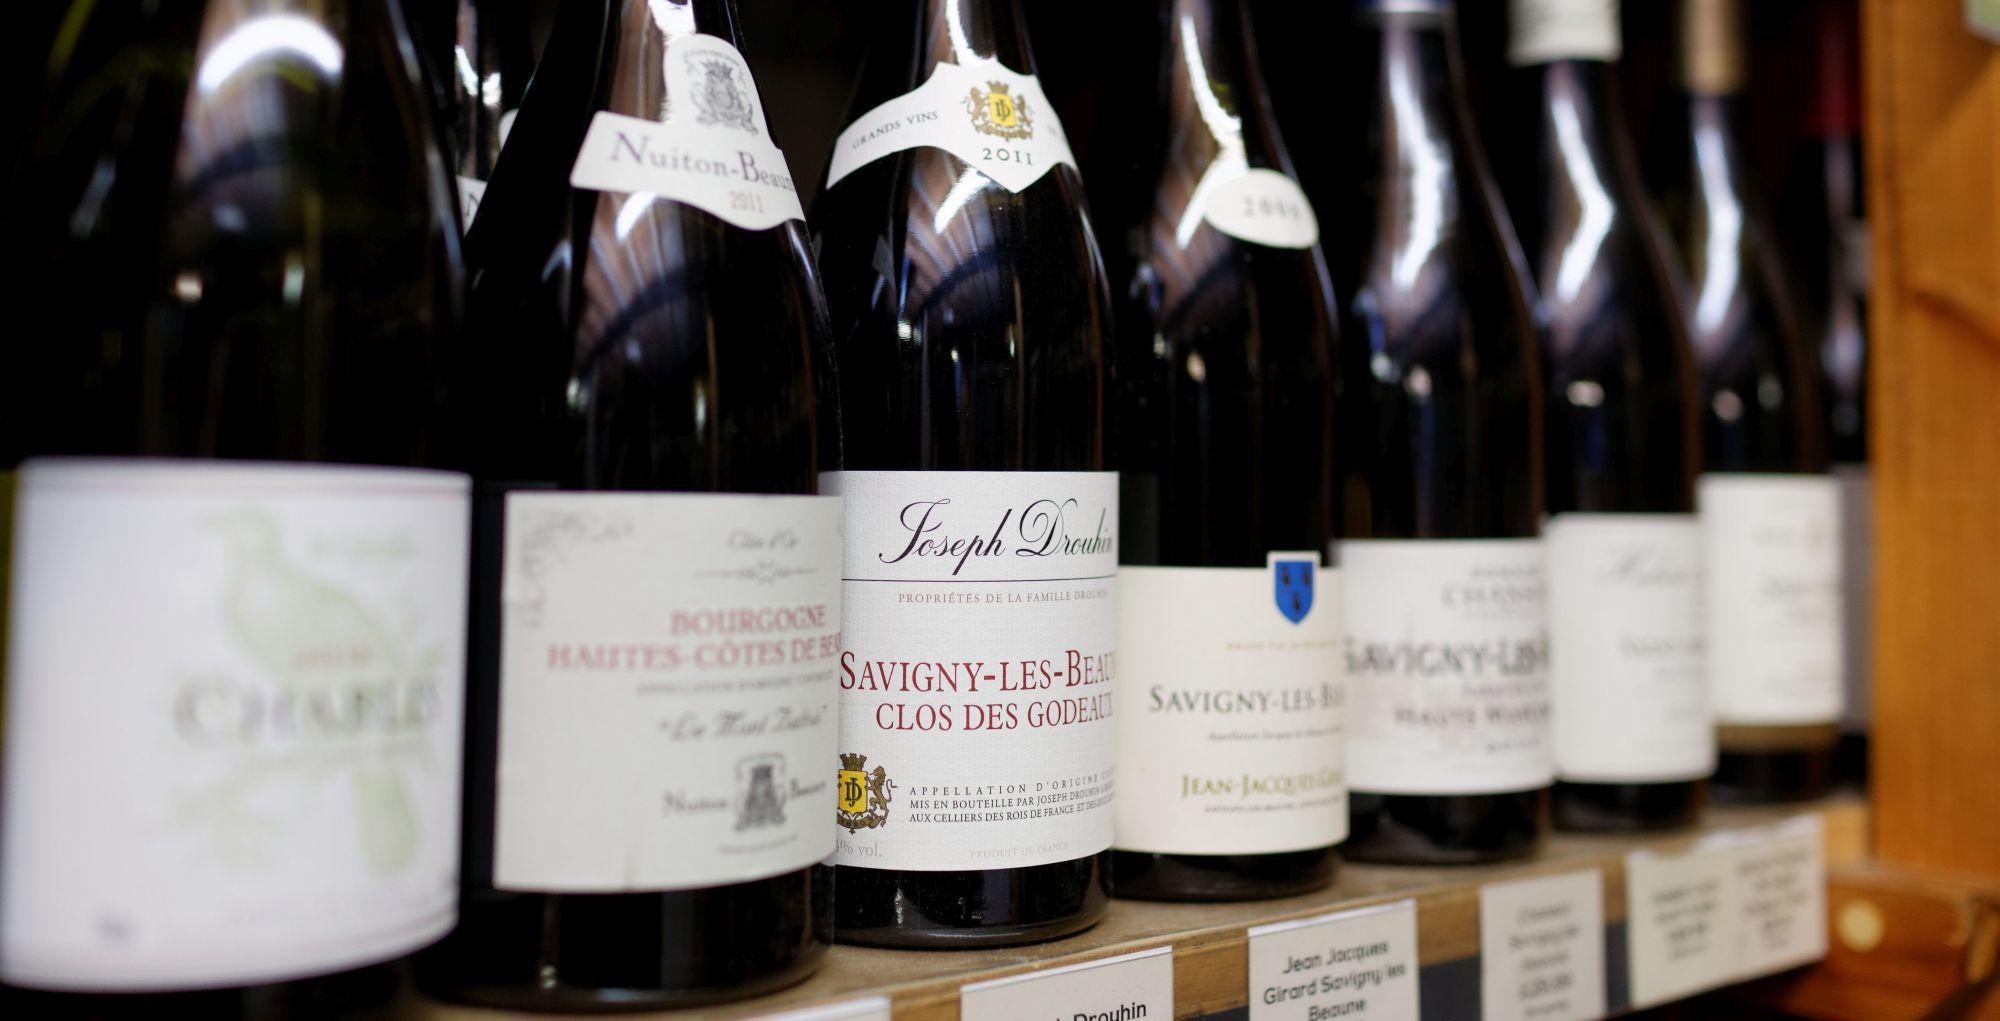 170303-Buy-Better-Wine-Latitude.jpg#asset:287363